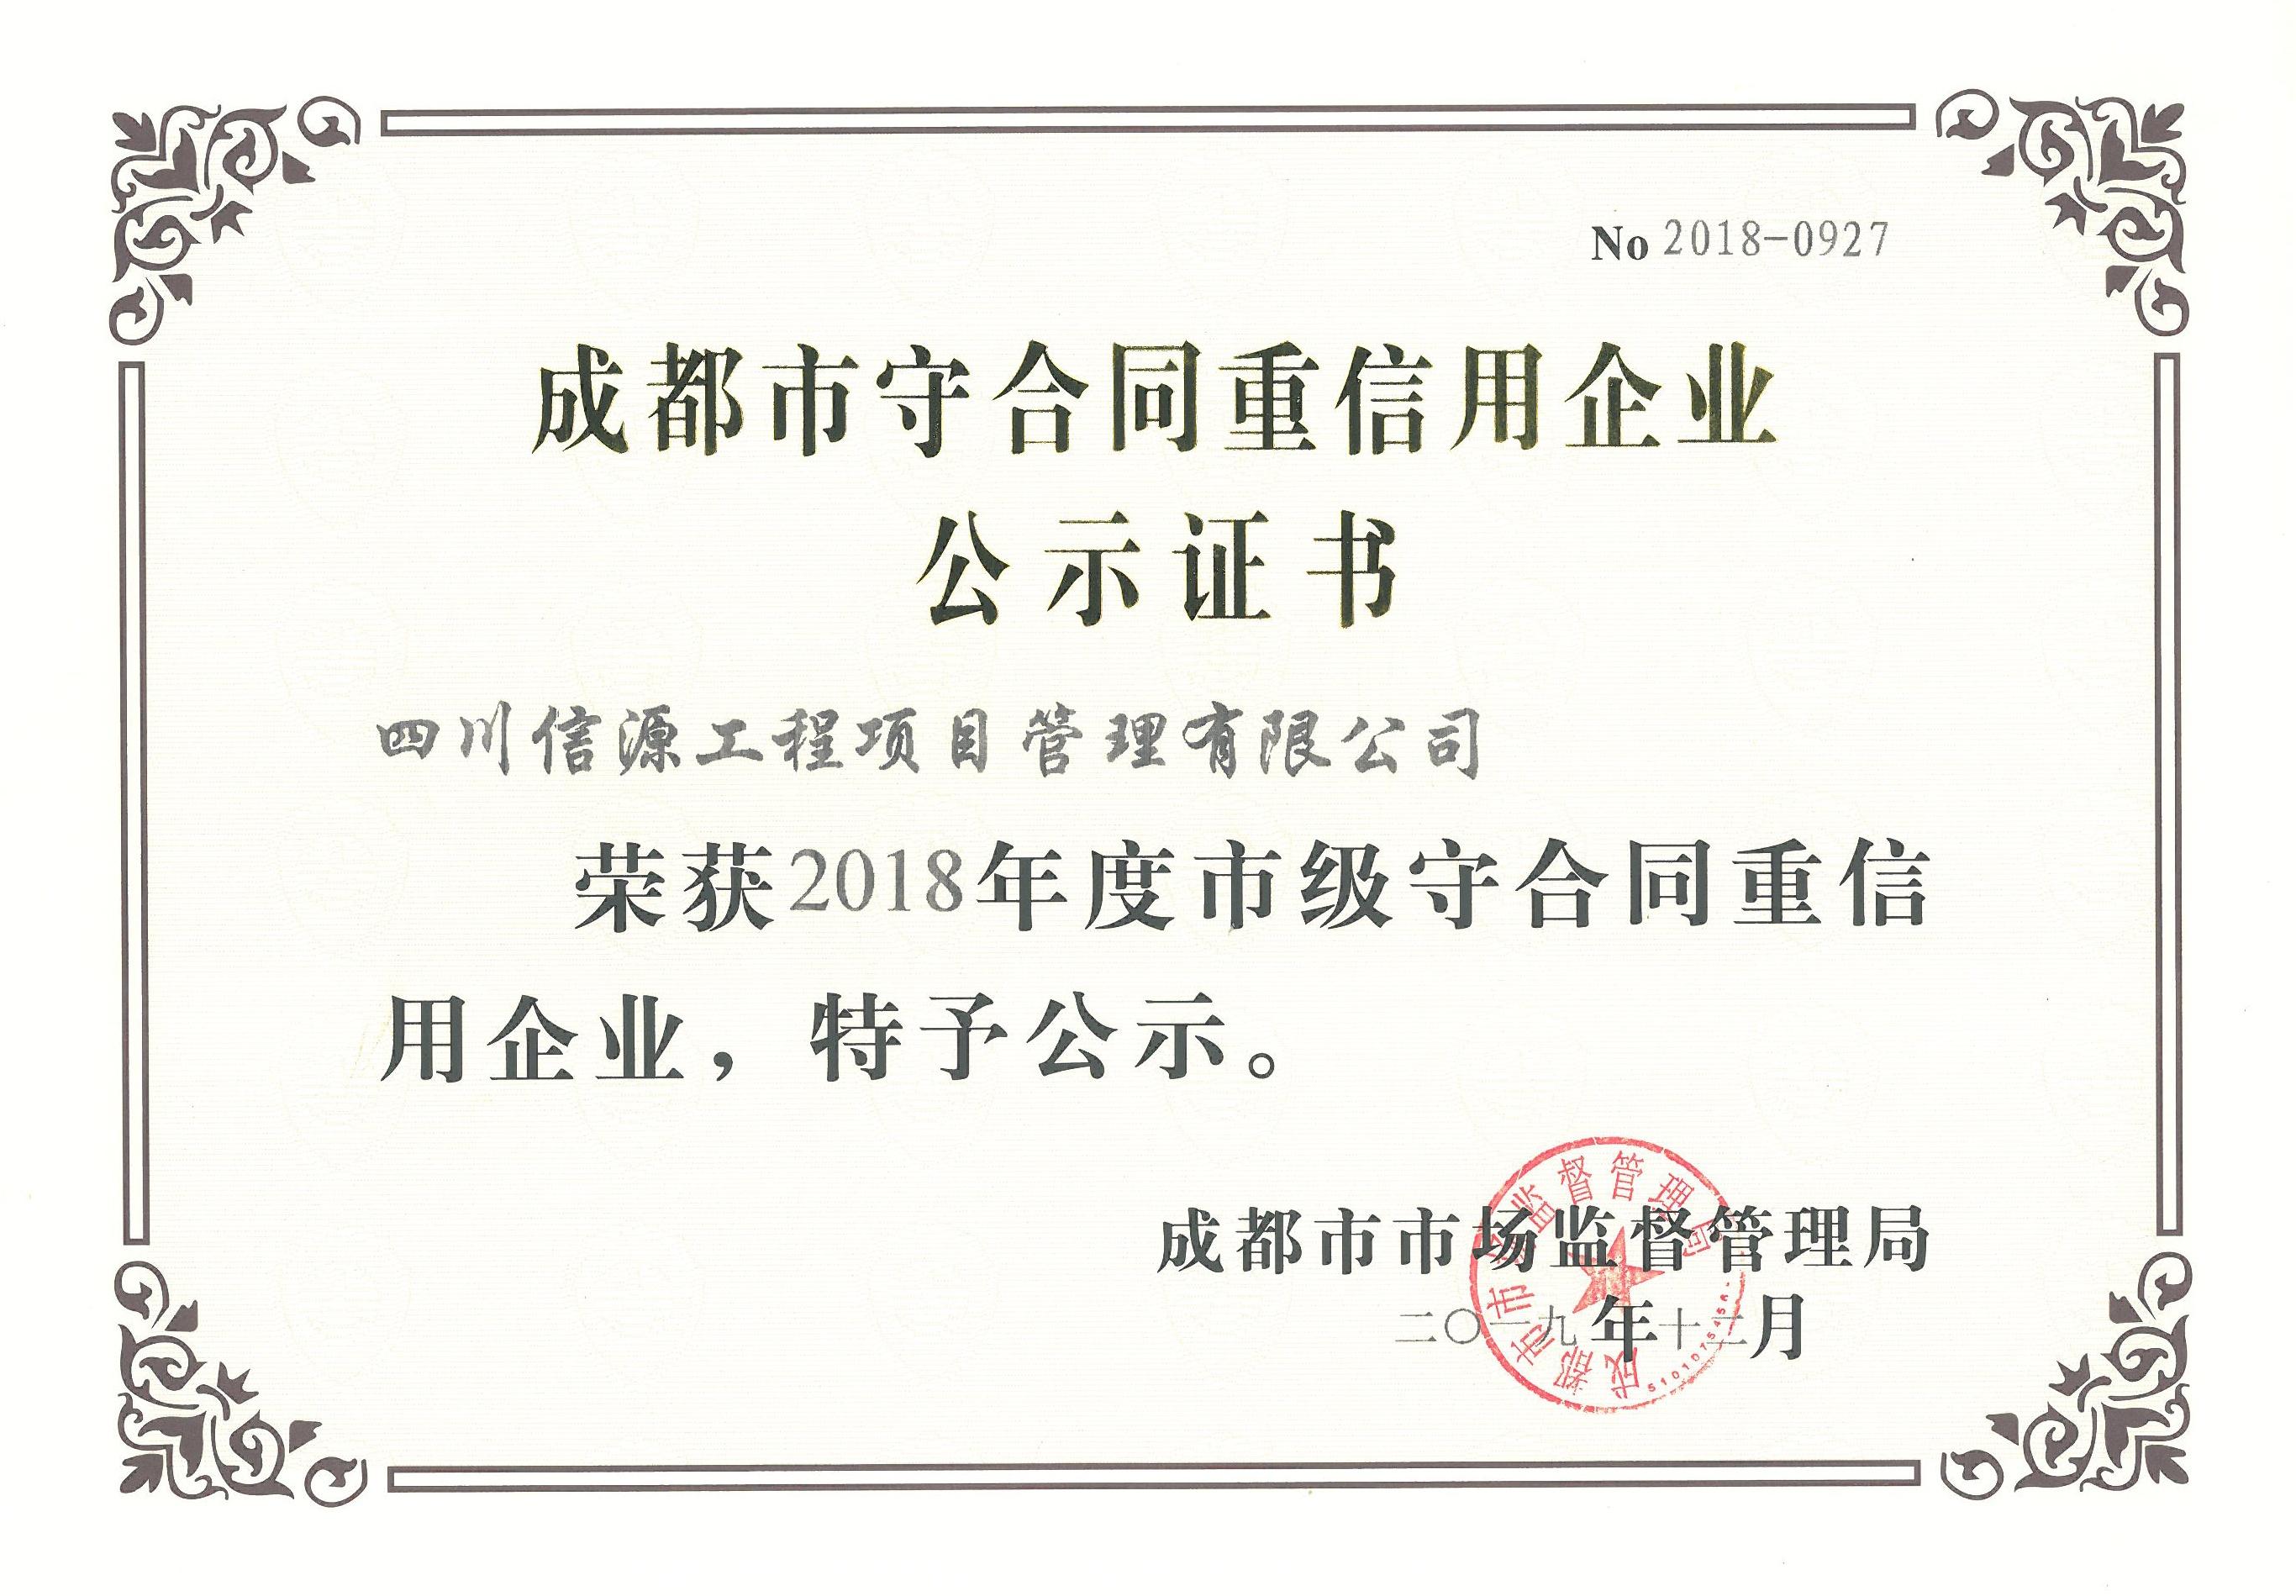 守合同重信用公示证书,66速聘